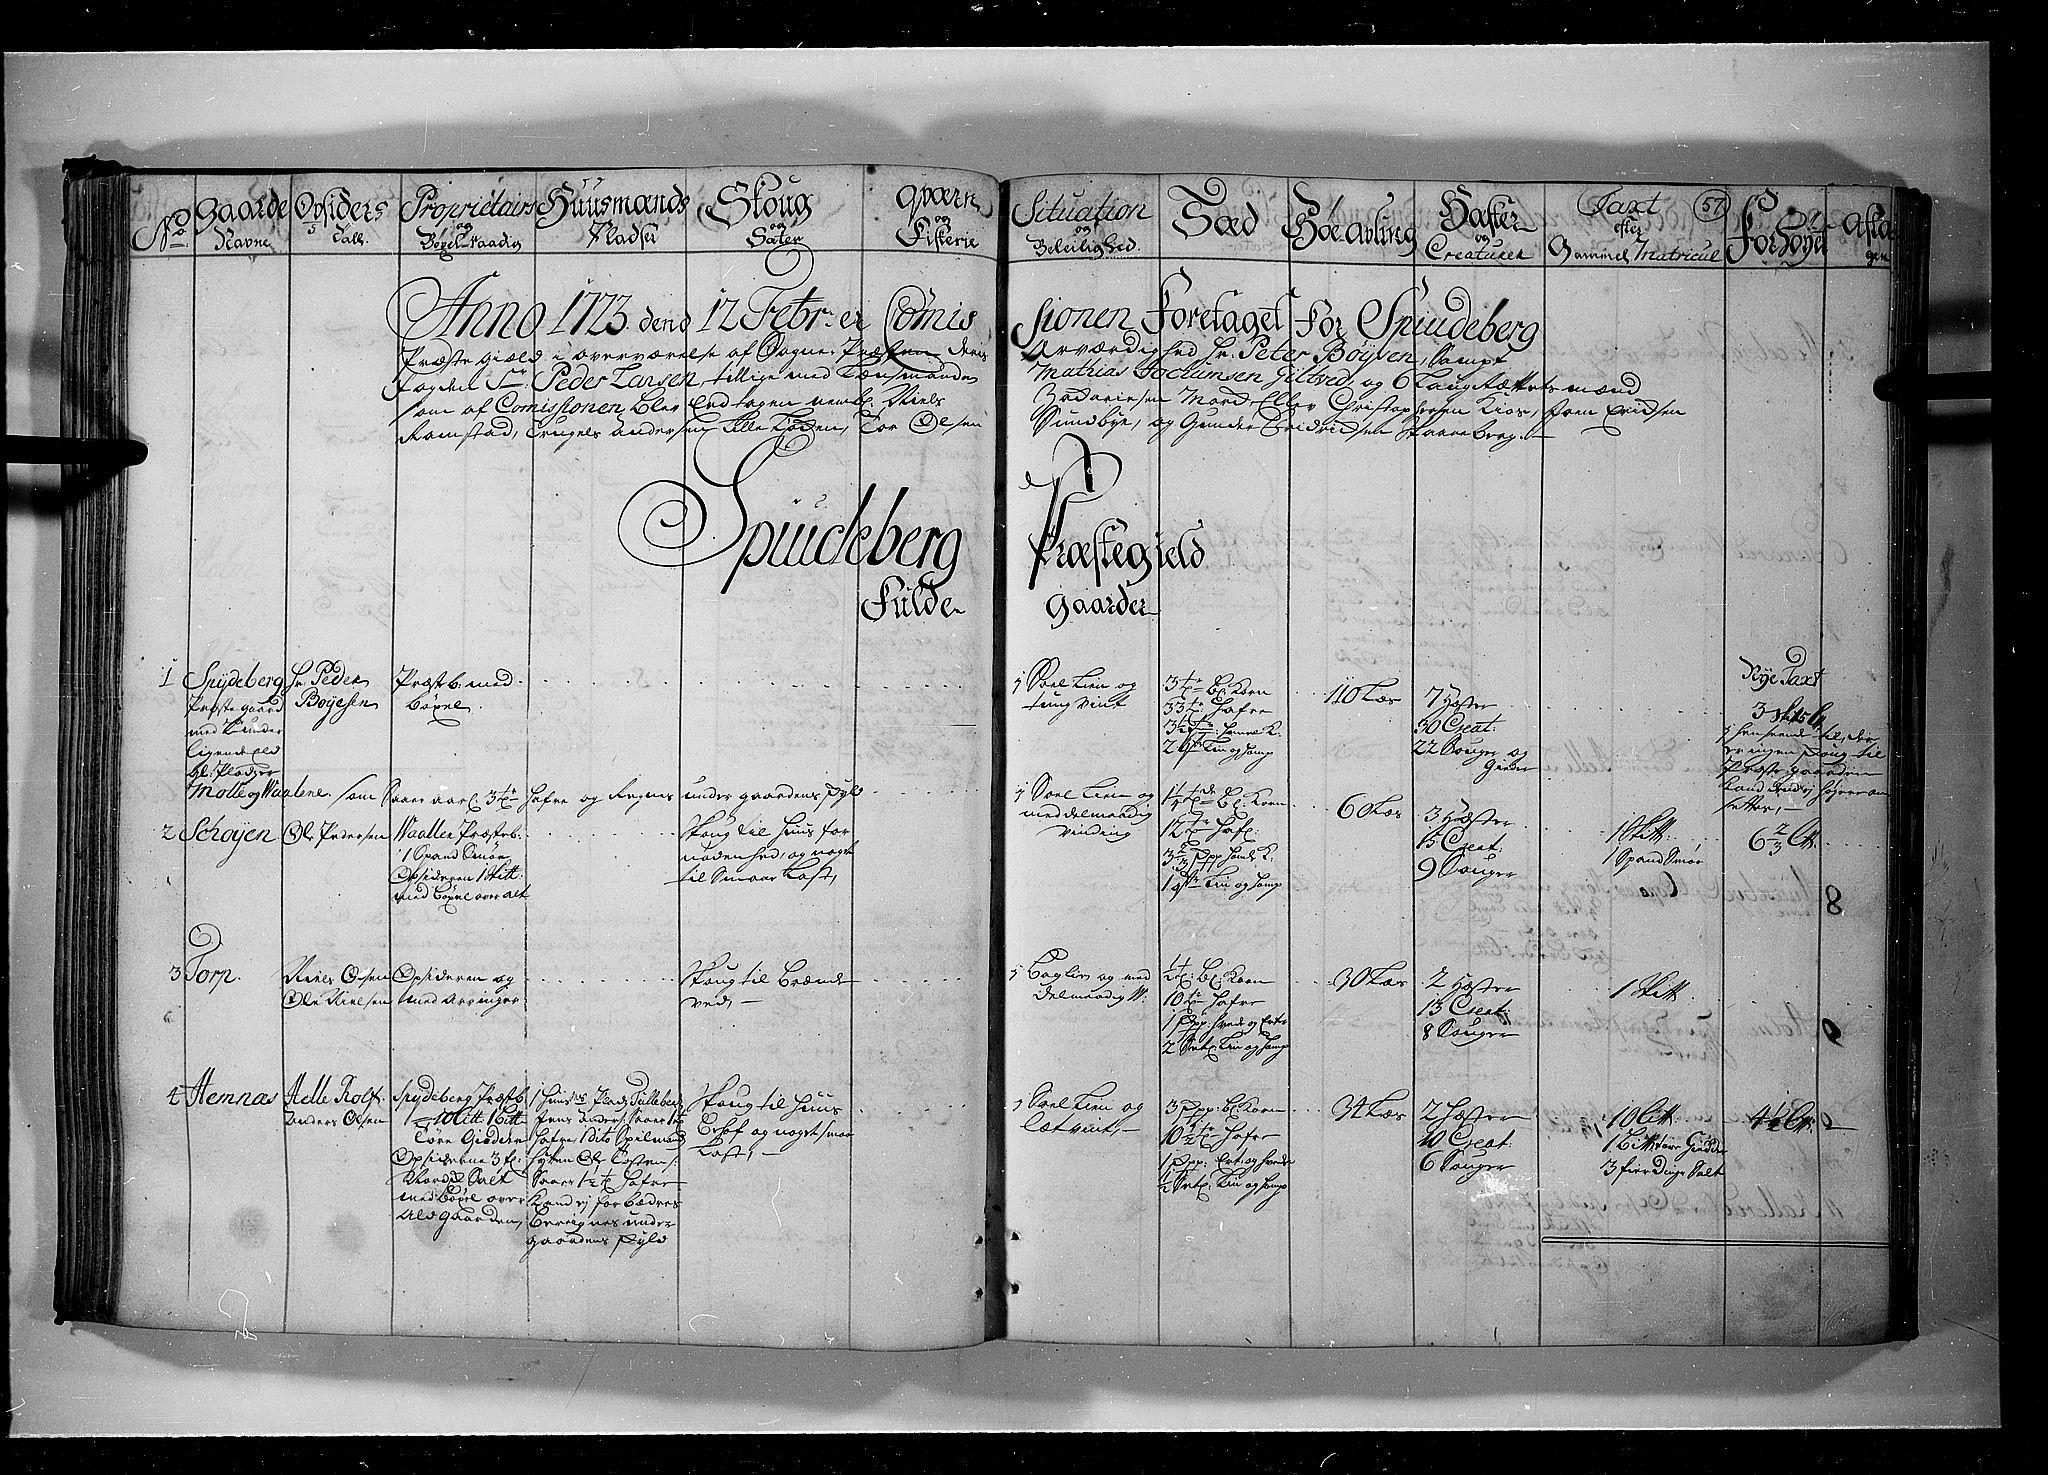 RA, Rentekammeret inntil 1814, Realistisk ordnet avdeling, N/Nb/Nbf/L0099: Rakkestad, Heggen og Frøland eksaminasjonsprotokoll, 1723, s. 56b-57a